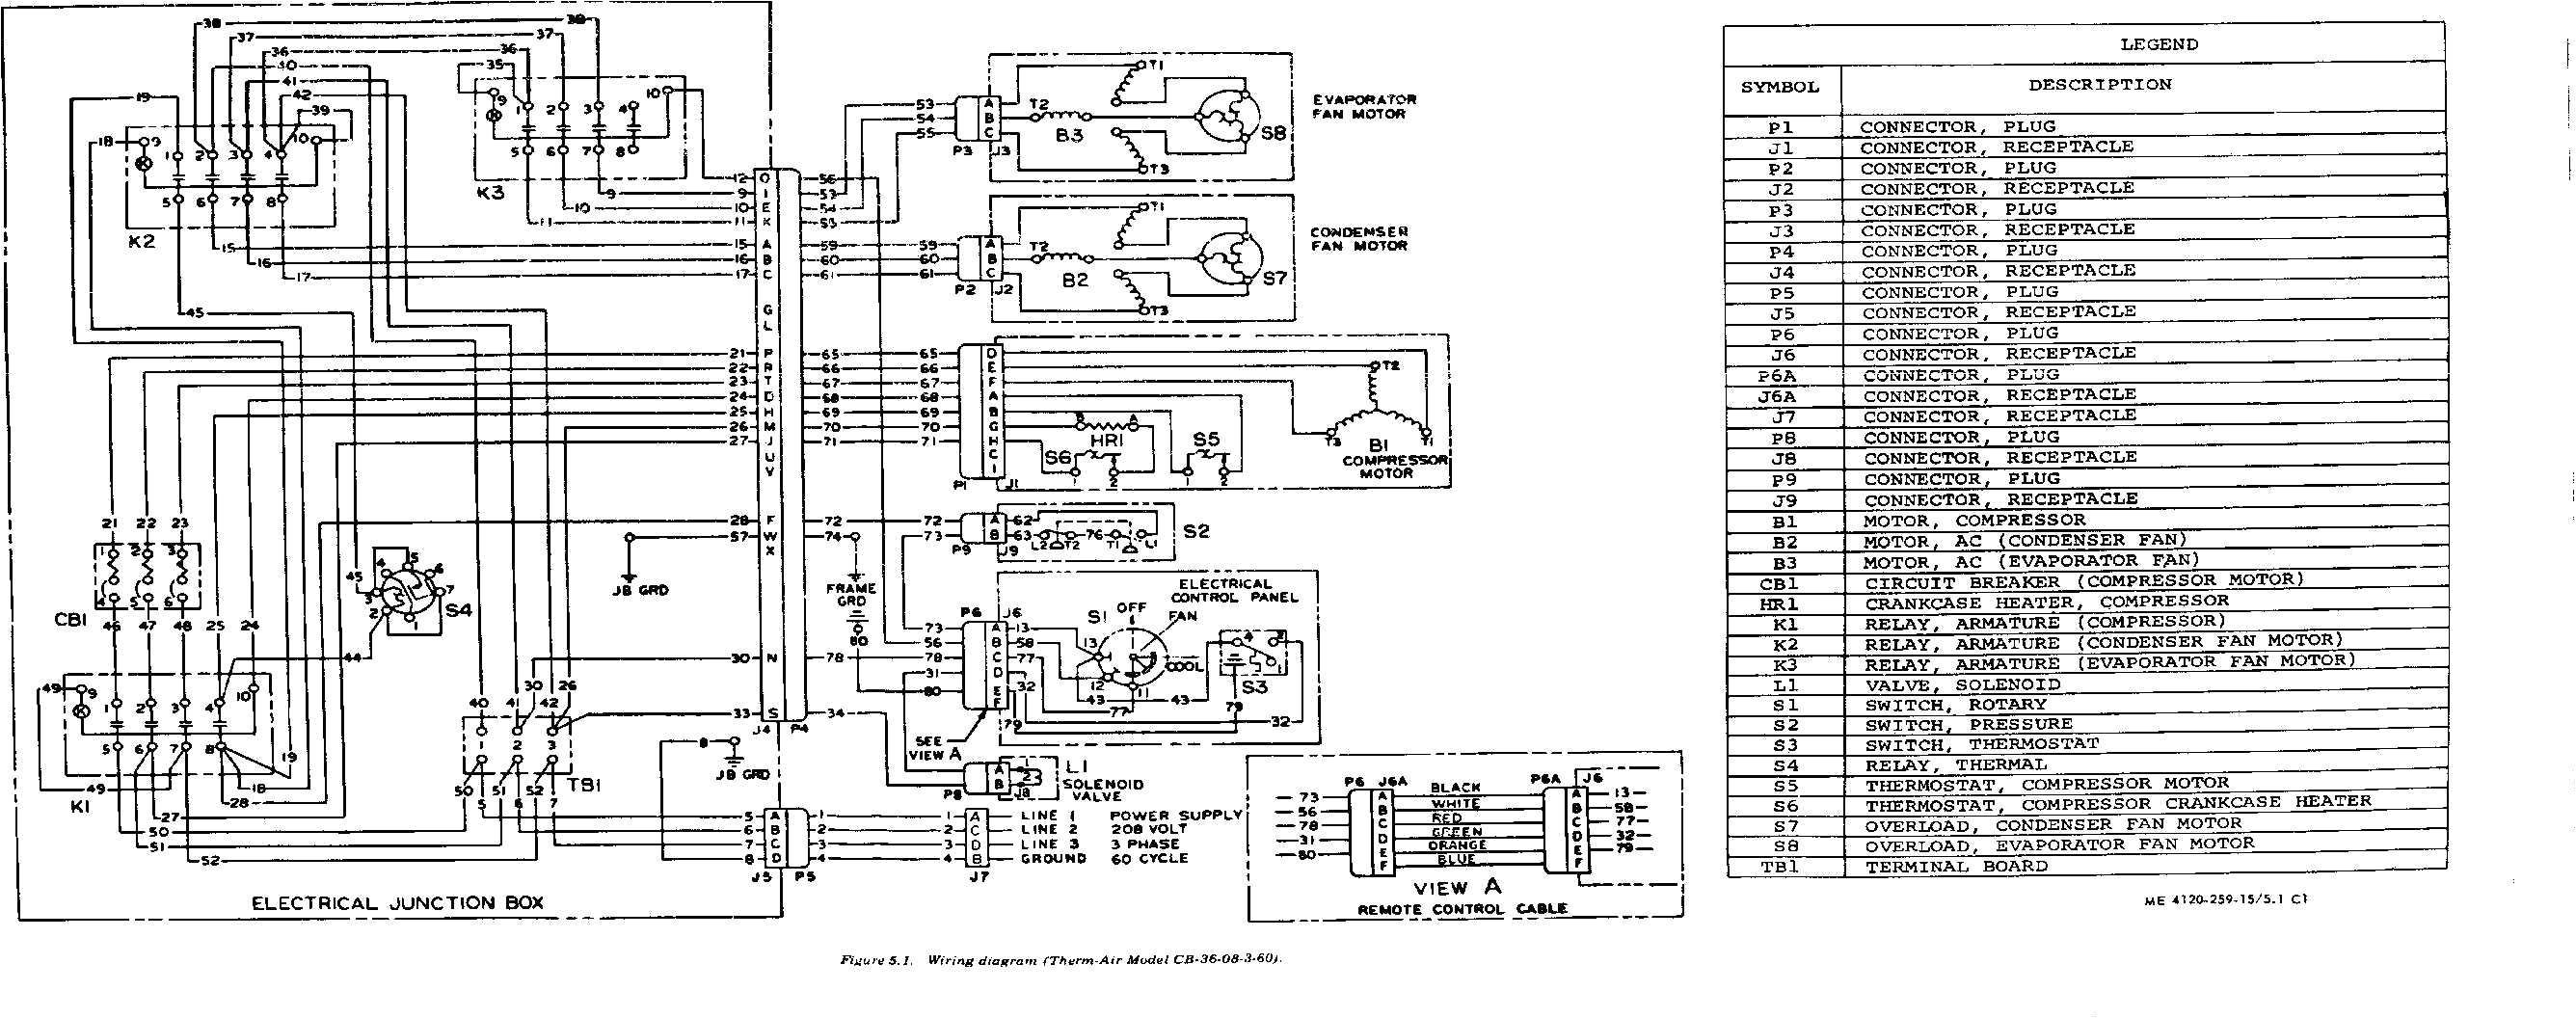 trane wiring schematics blog wiring diagram trane voyager wiring diagrams trane wiring diagrams